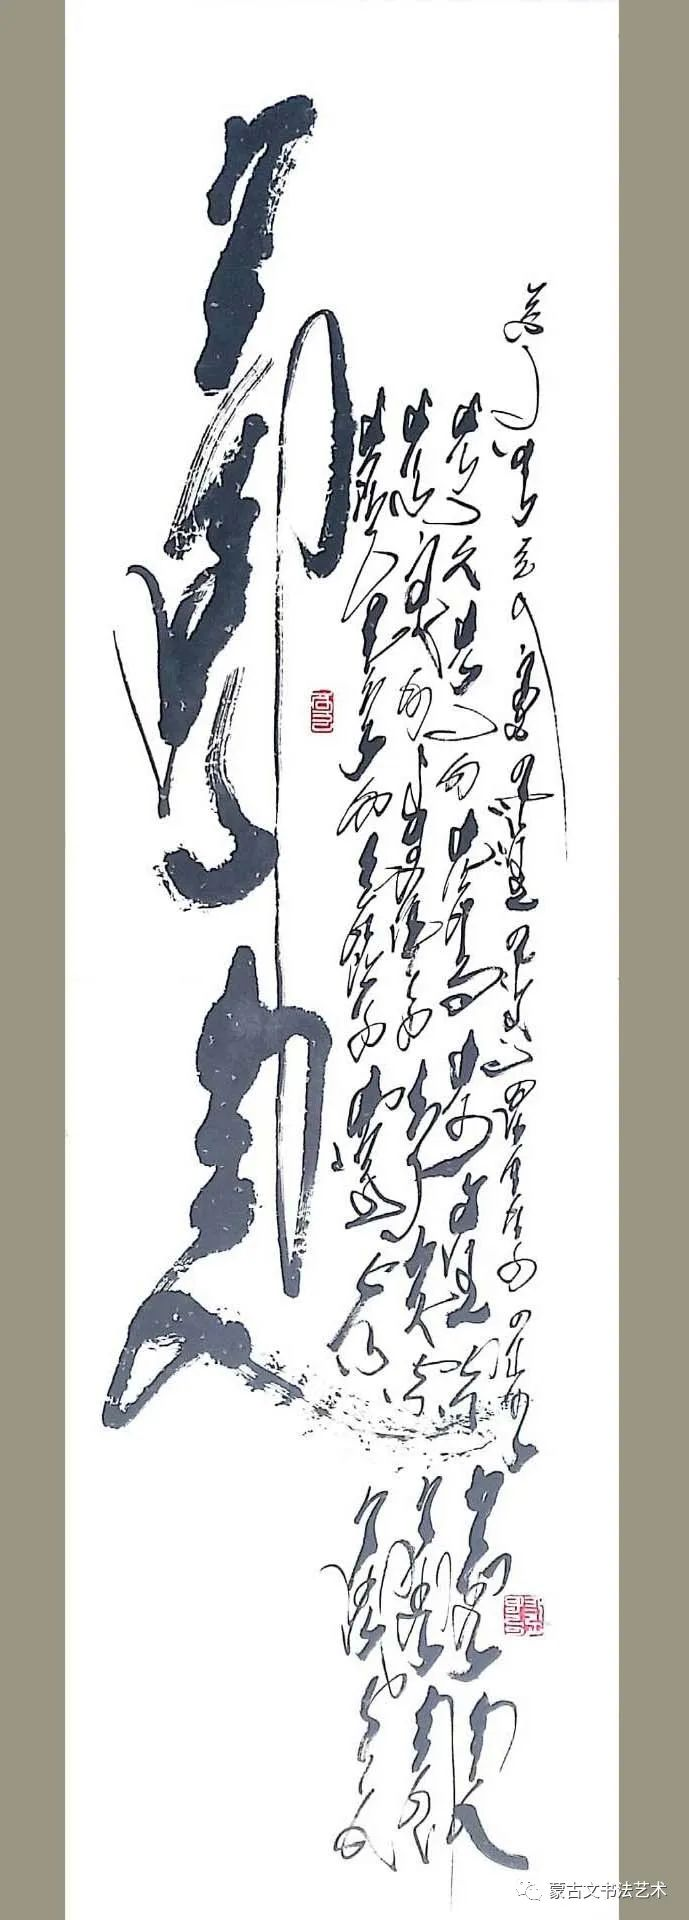 宝音陶格陶蒙古文书法作品 第7张